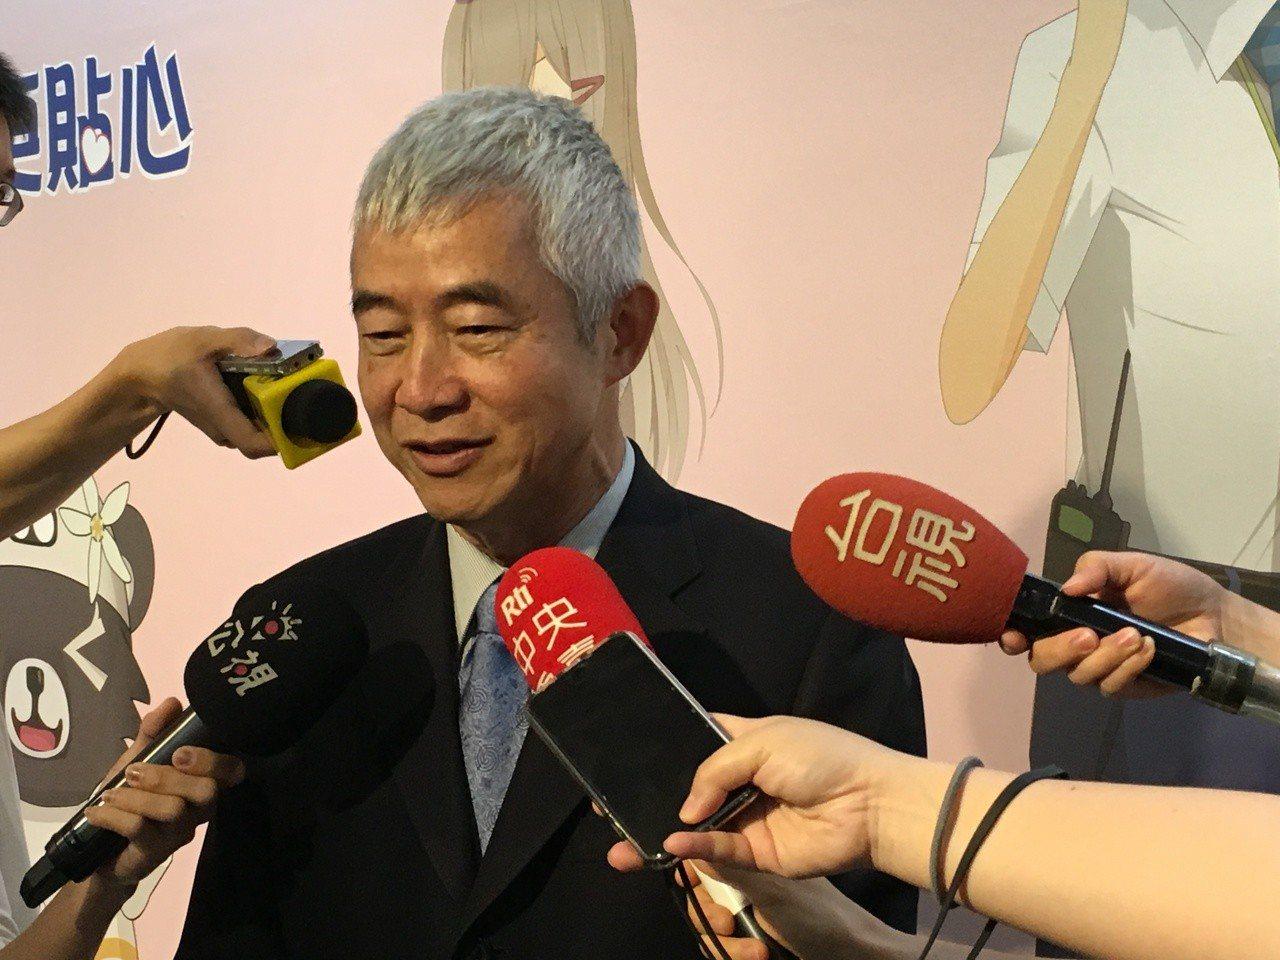 交通部長賀陳旦今指出,下半年將確立台鐵公司化的經營方向。 記者吳姿賢/攝影